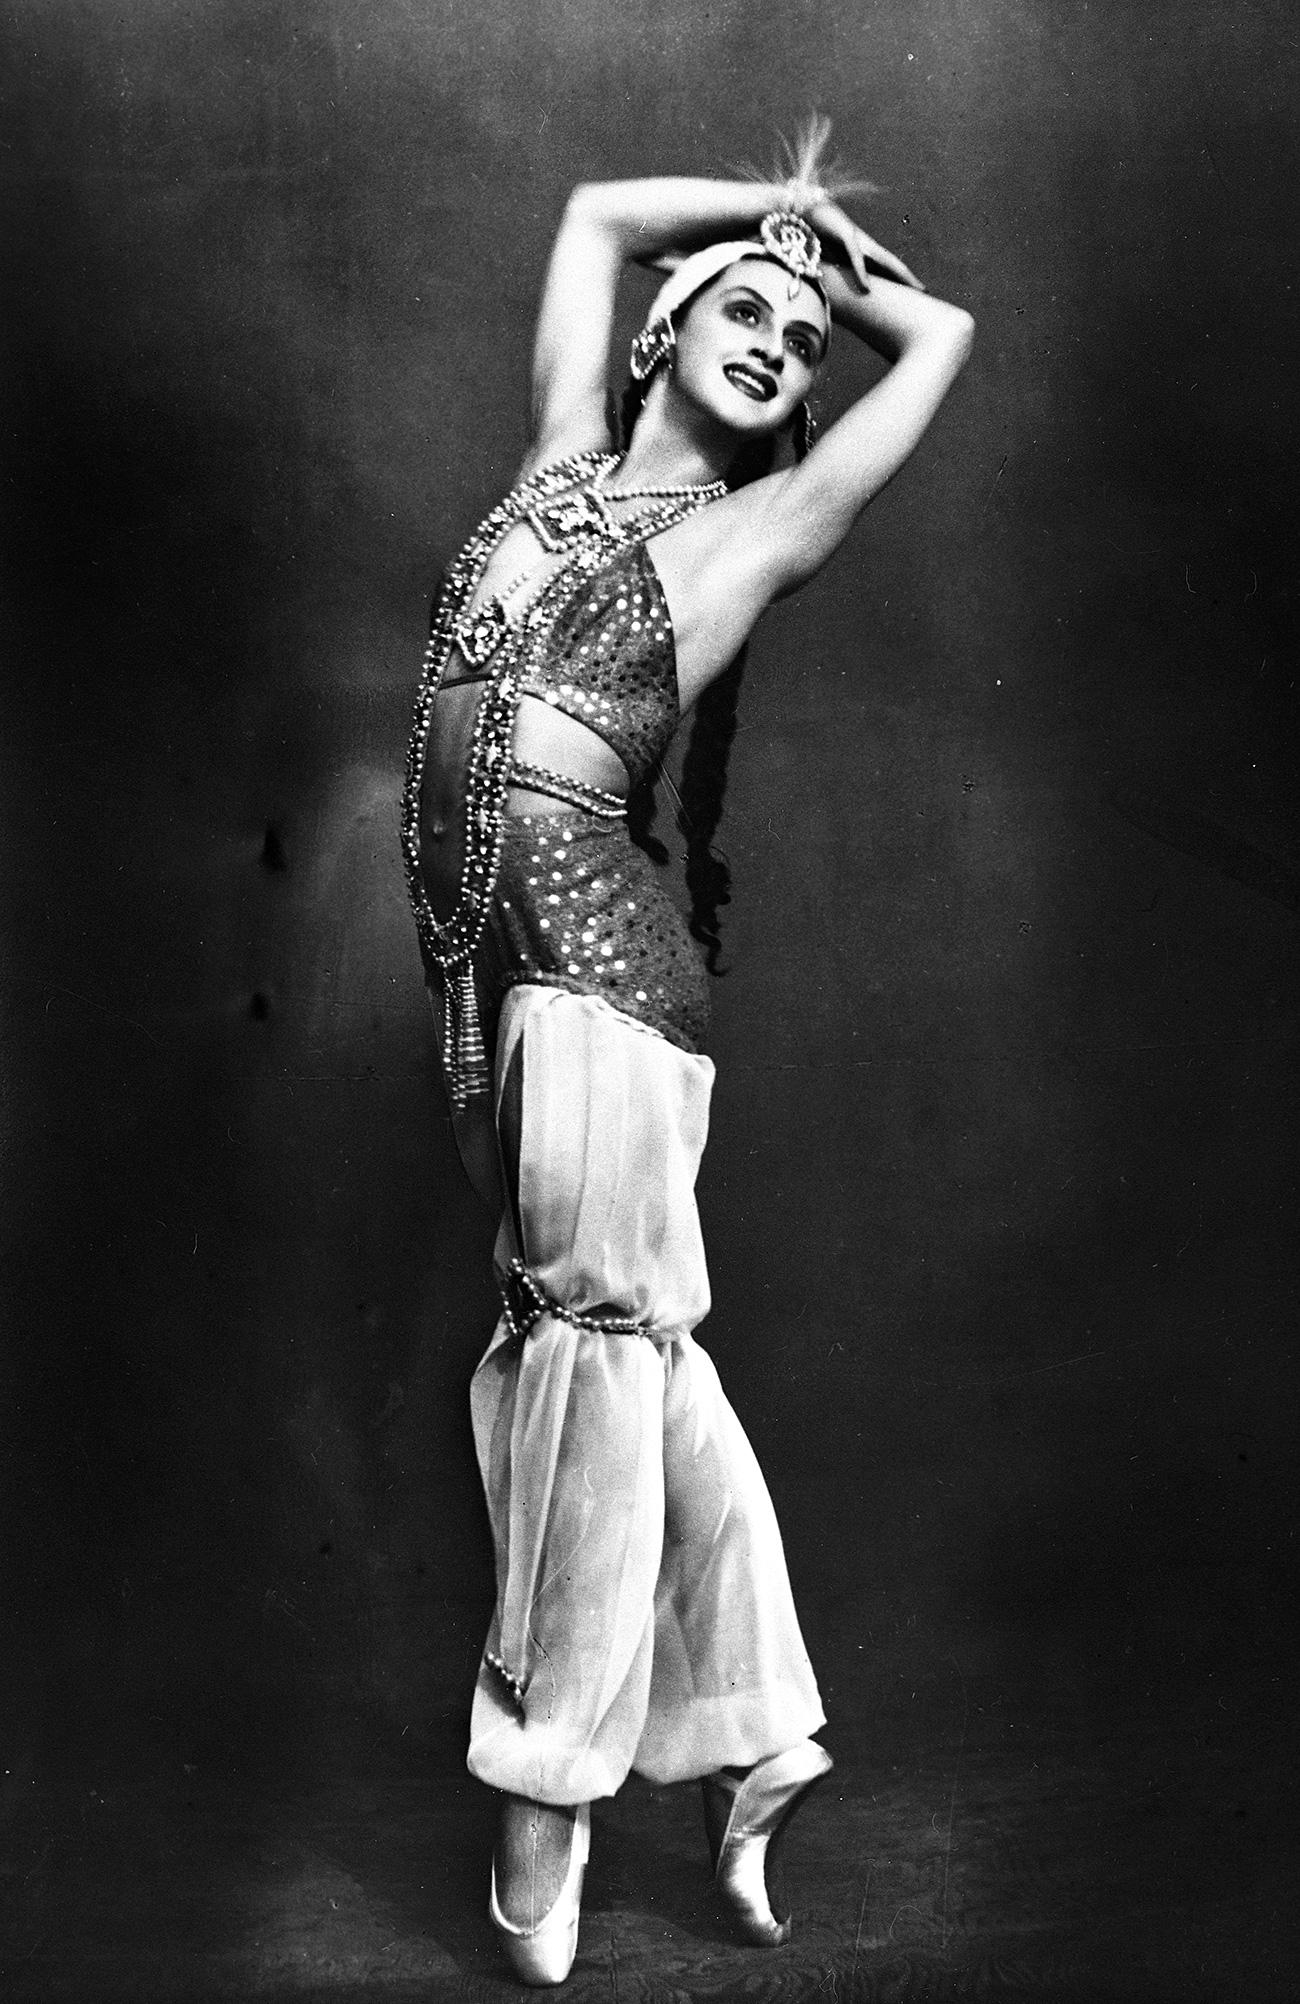 Alla Shélest (Zarema) en la Fuente de Bakhchisarai, ballet de Borís Assáfiev. Teatro Acedémico Estatal de Ópera y Ballet de Leningrado. Fuente: RIA Nóvosti